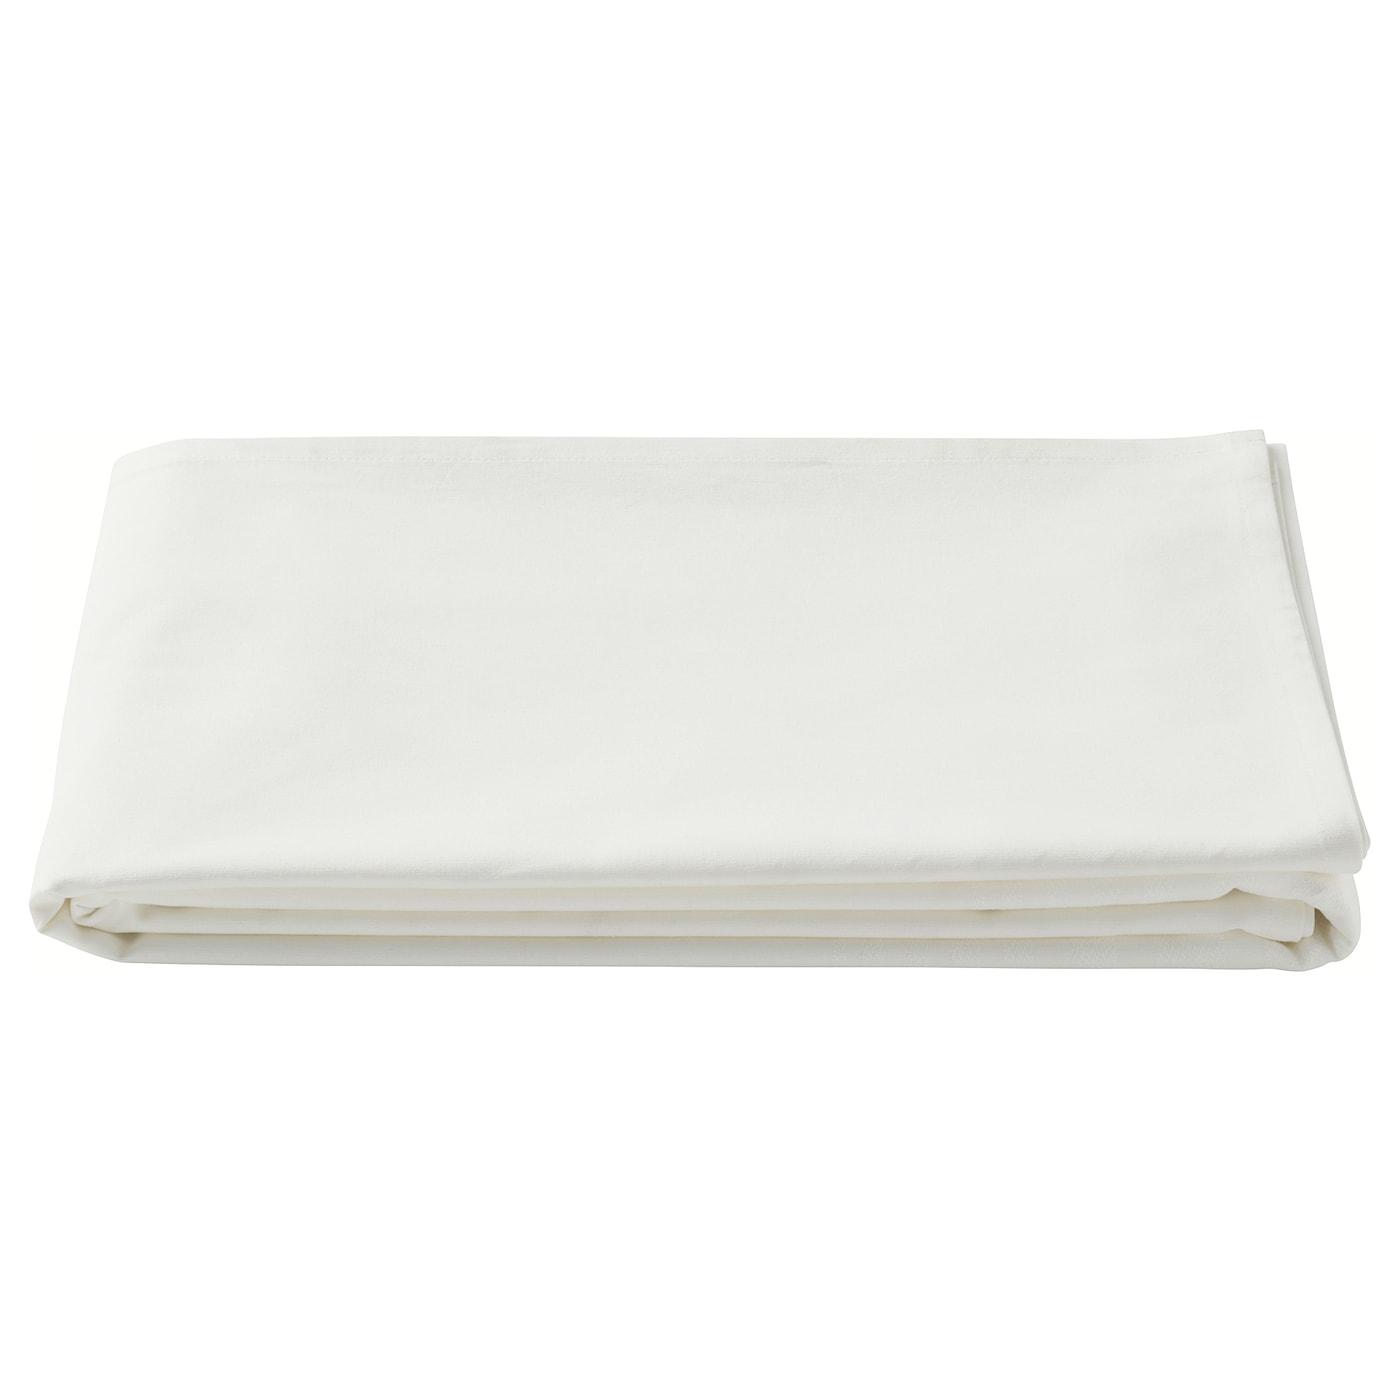 Tischdecke Weiß Ikea